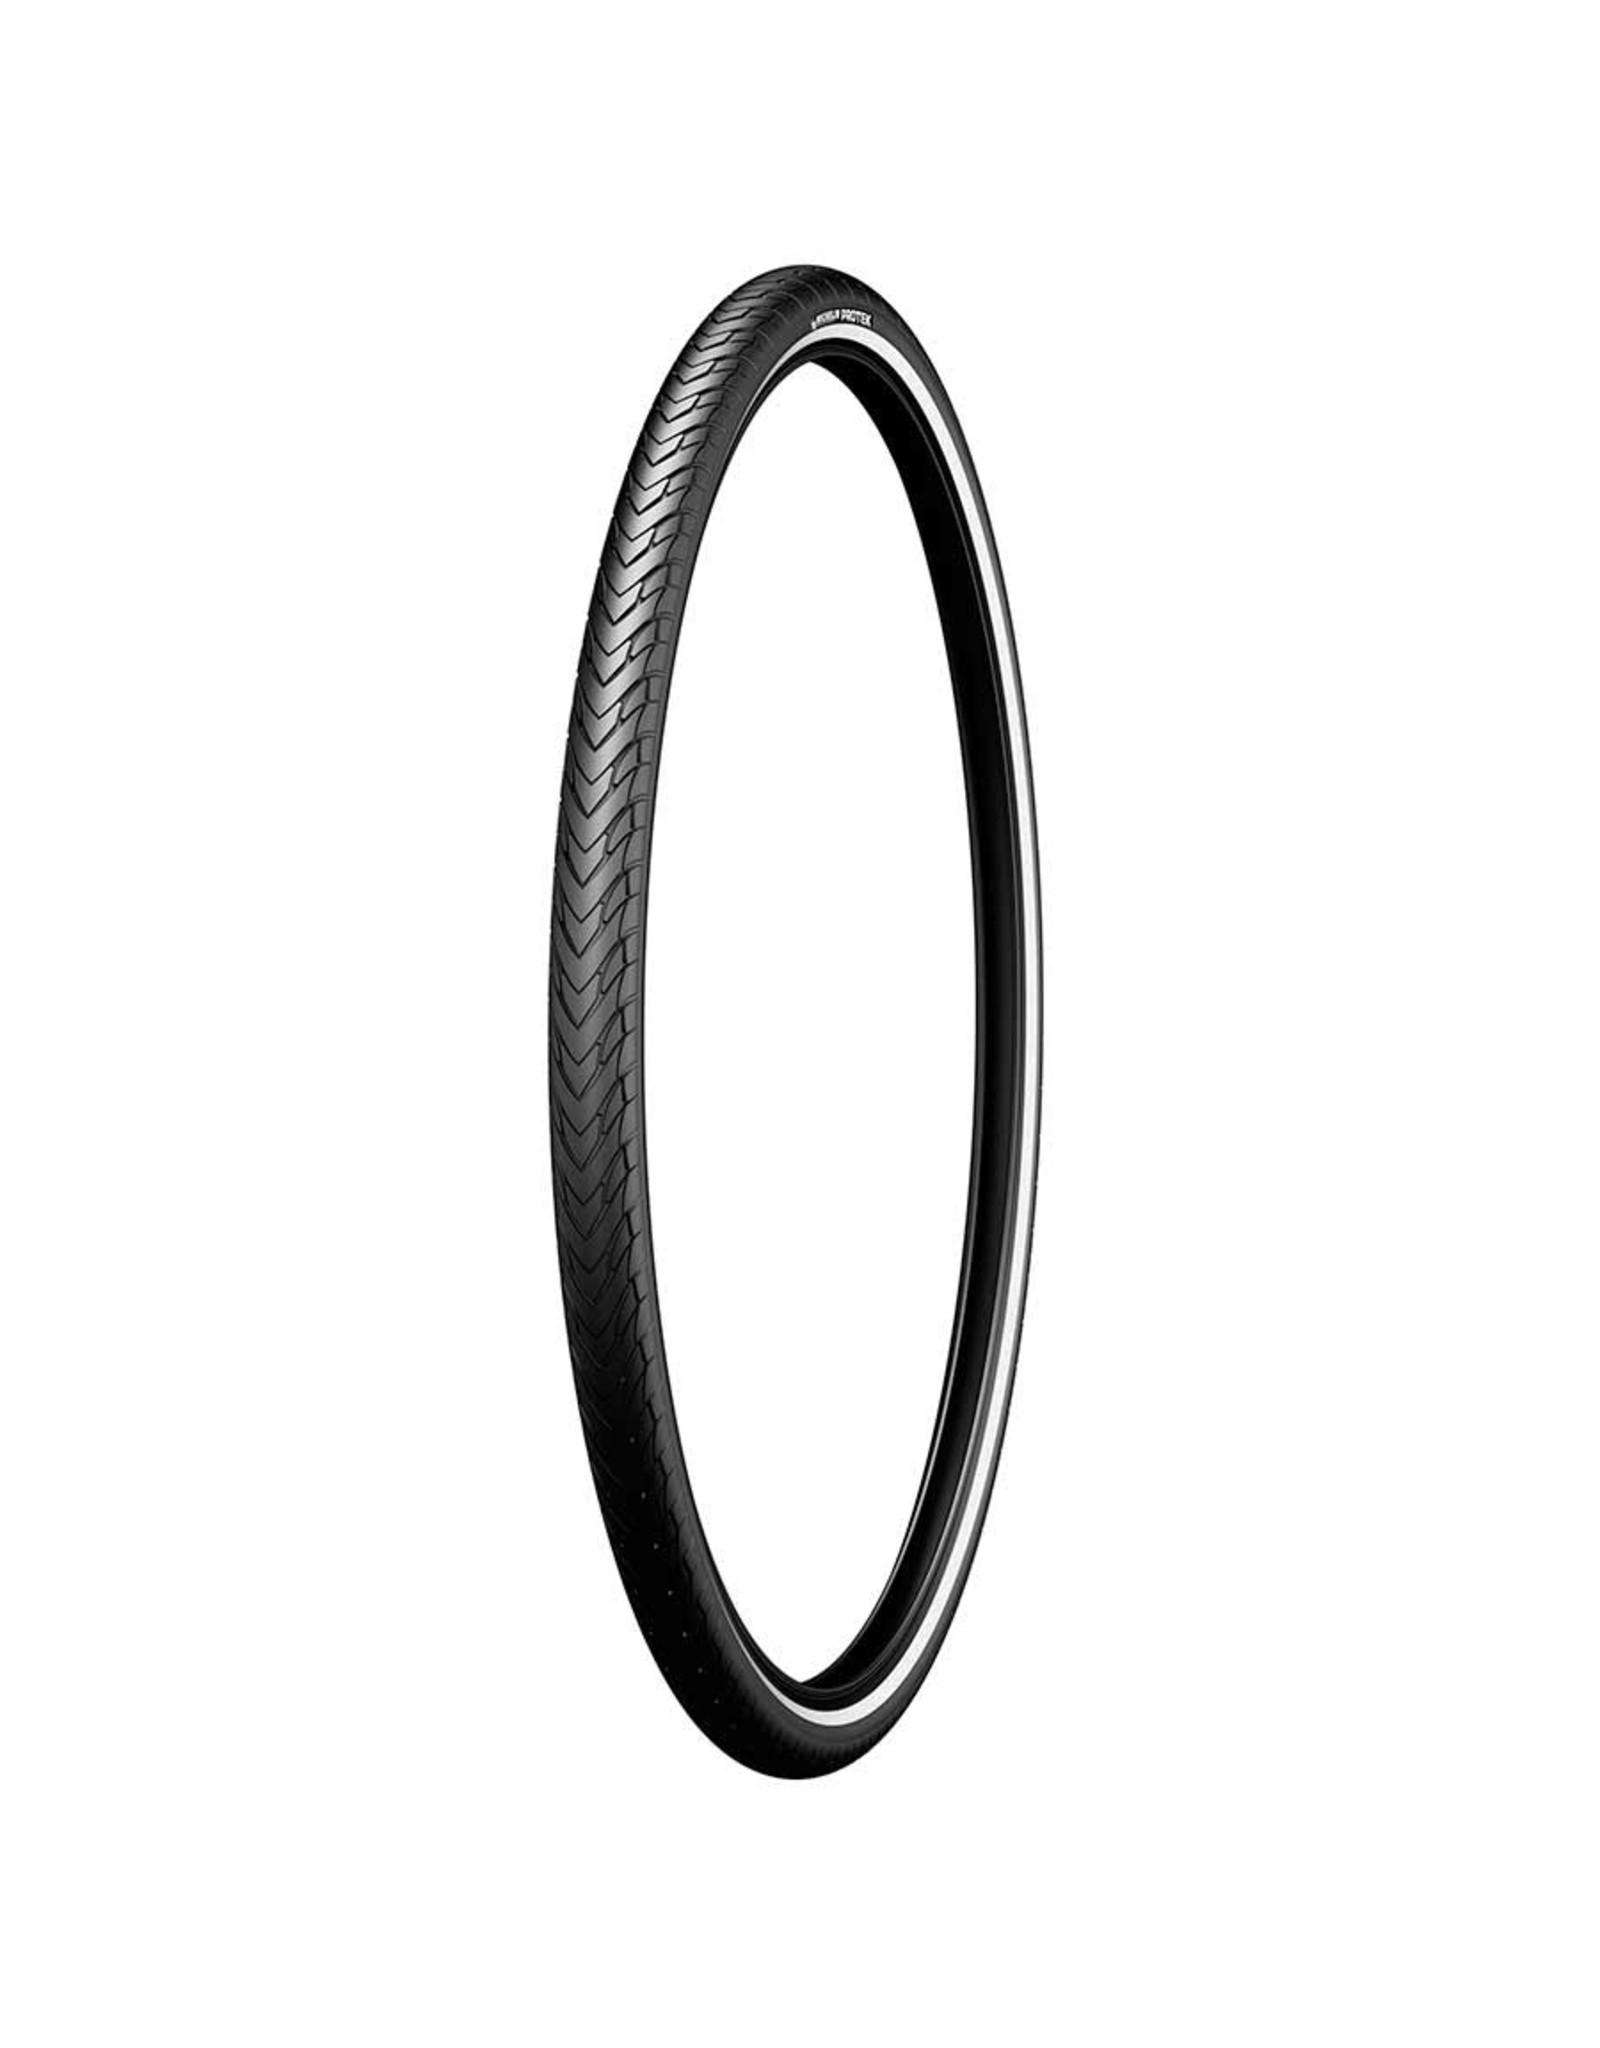 Michelin Michelin, Protek, Tire, 26''x1.40, Wire, Clincher, Protek 1mm, Reflex, 22TPI, Black